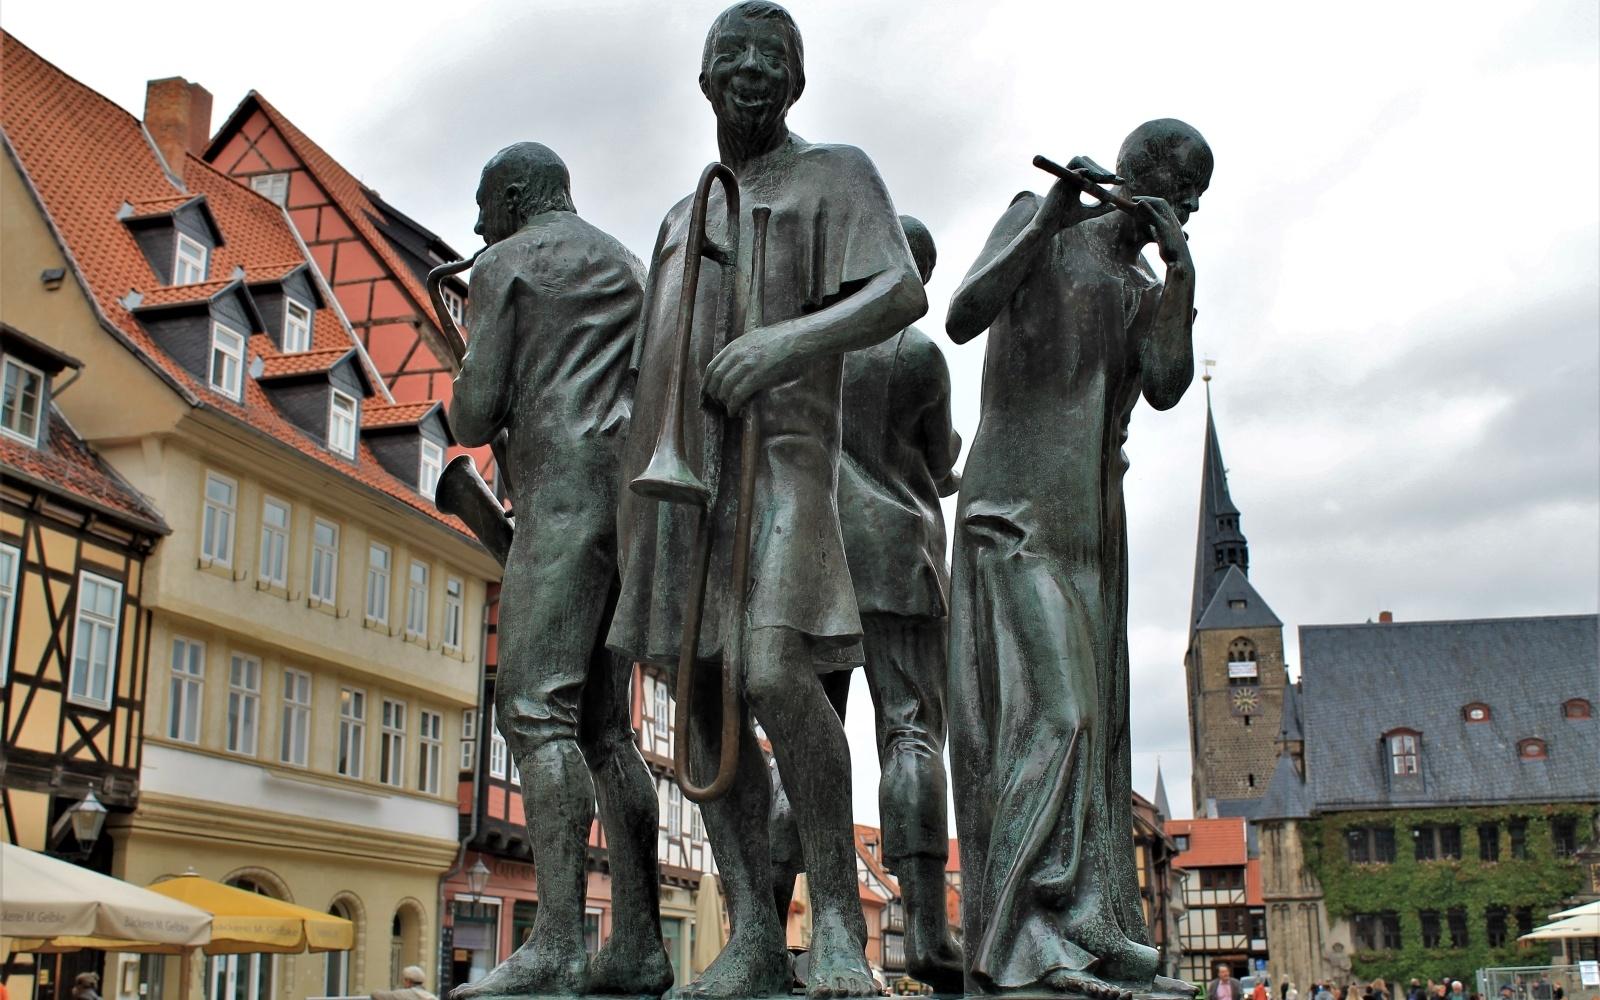 Die Münzenberger Musikanten op het marktplein van Quedlinburg